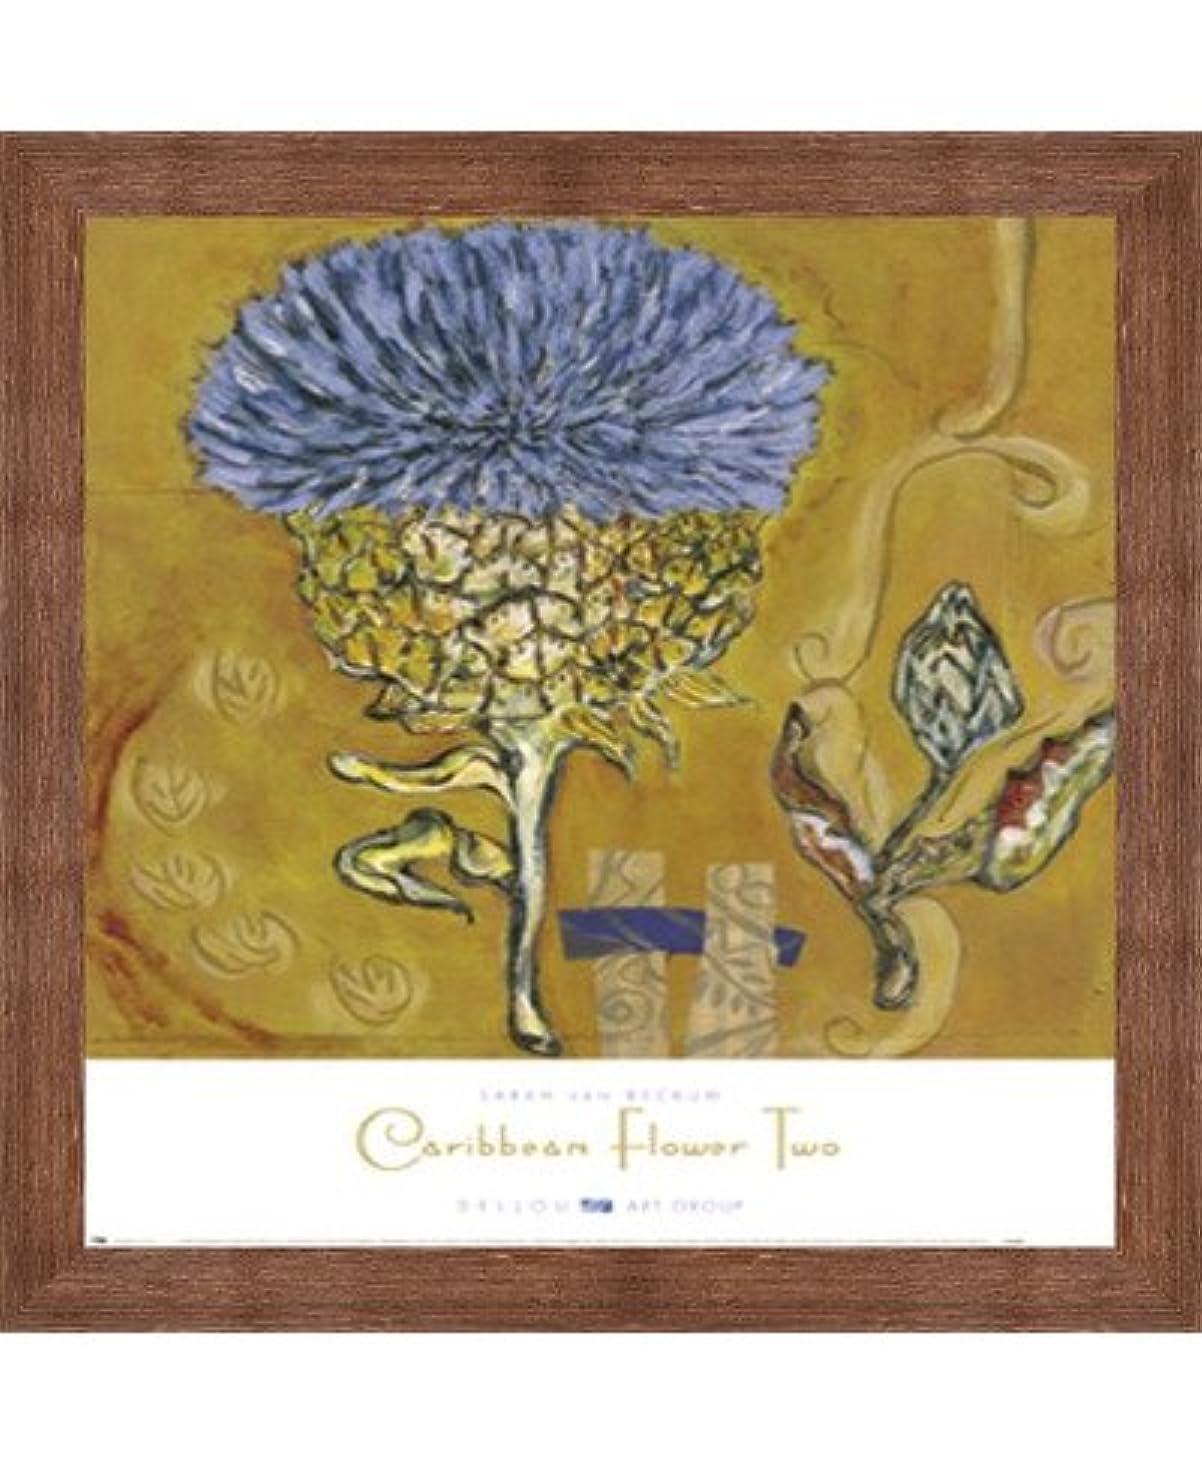 モック息切れ遷移Caribbean 2つ花by Sarah Van Beckum – 18 x 22インチ – アートプリントポスター LE_68126-F10570-18x22